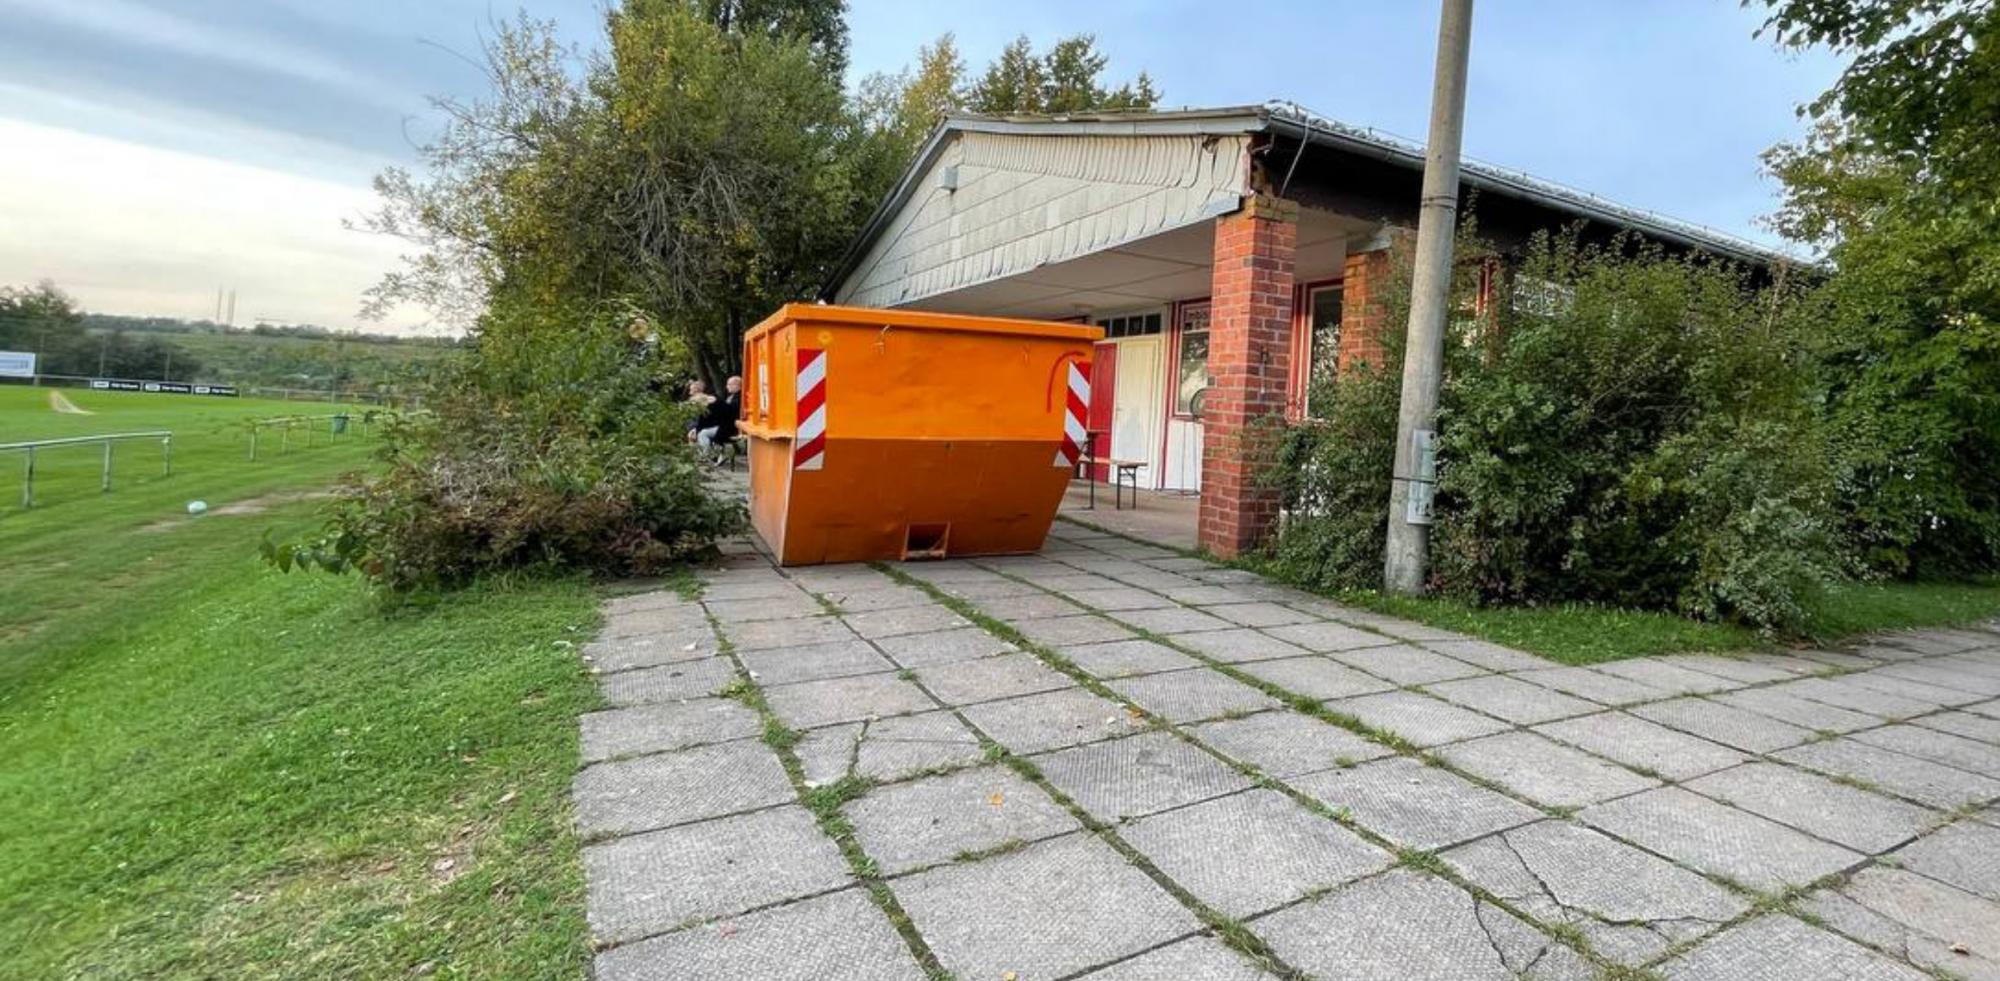 Umbau-Gebreite---Container-vor-Baracke-28-09-2021.png